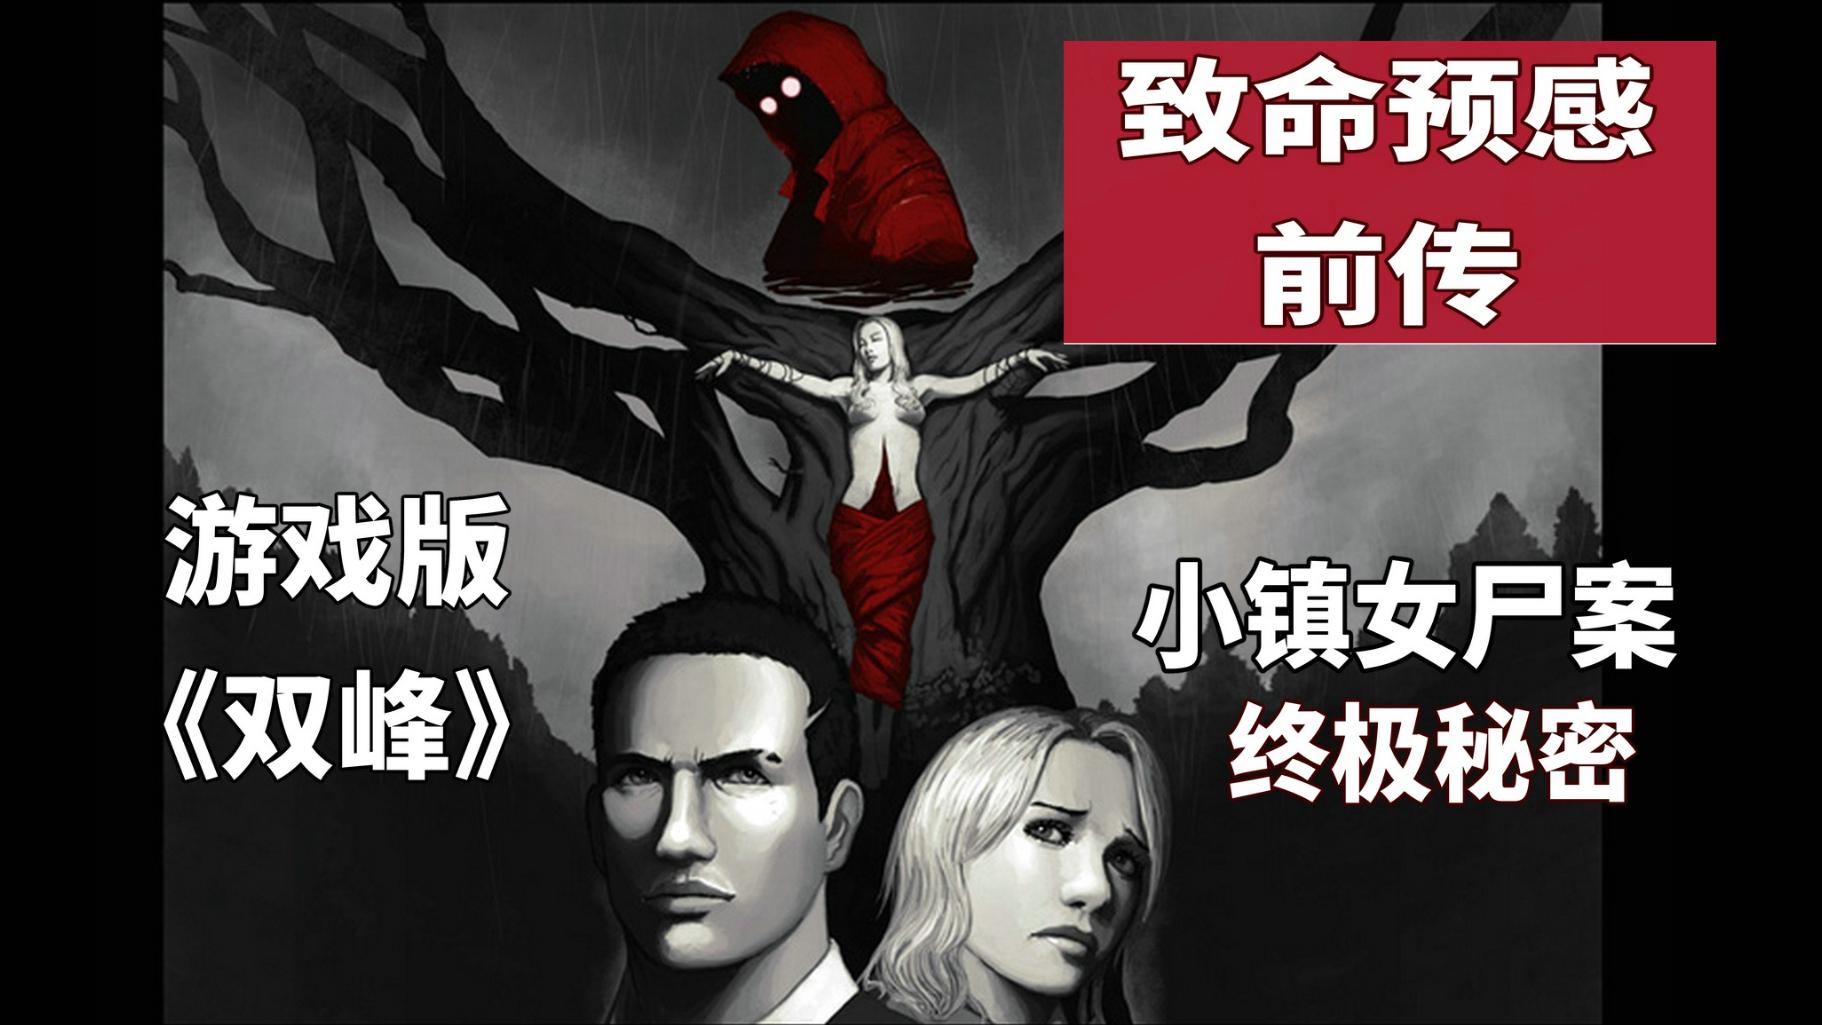 【游戏读品】独家!关于恐怖B级神作《致命预感》,你需要知道的秘密!